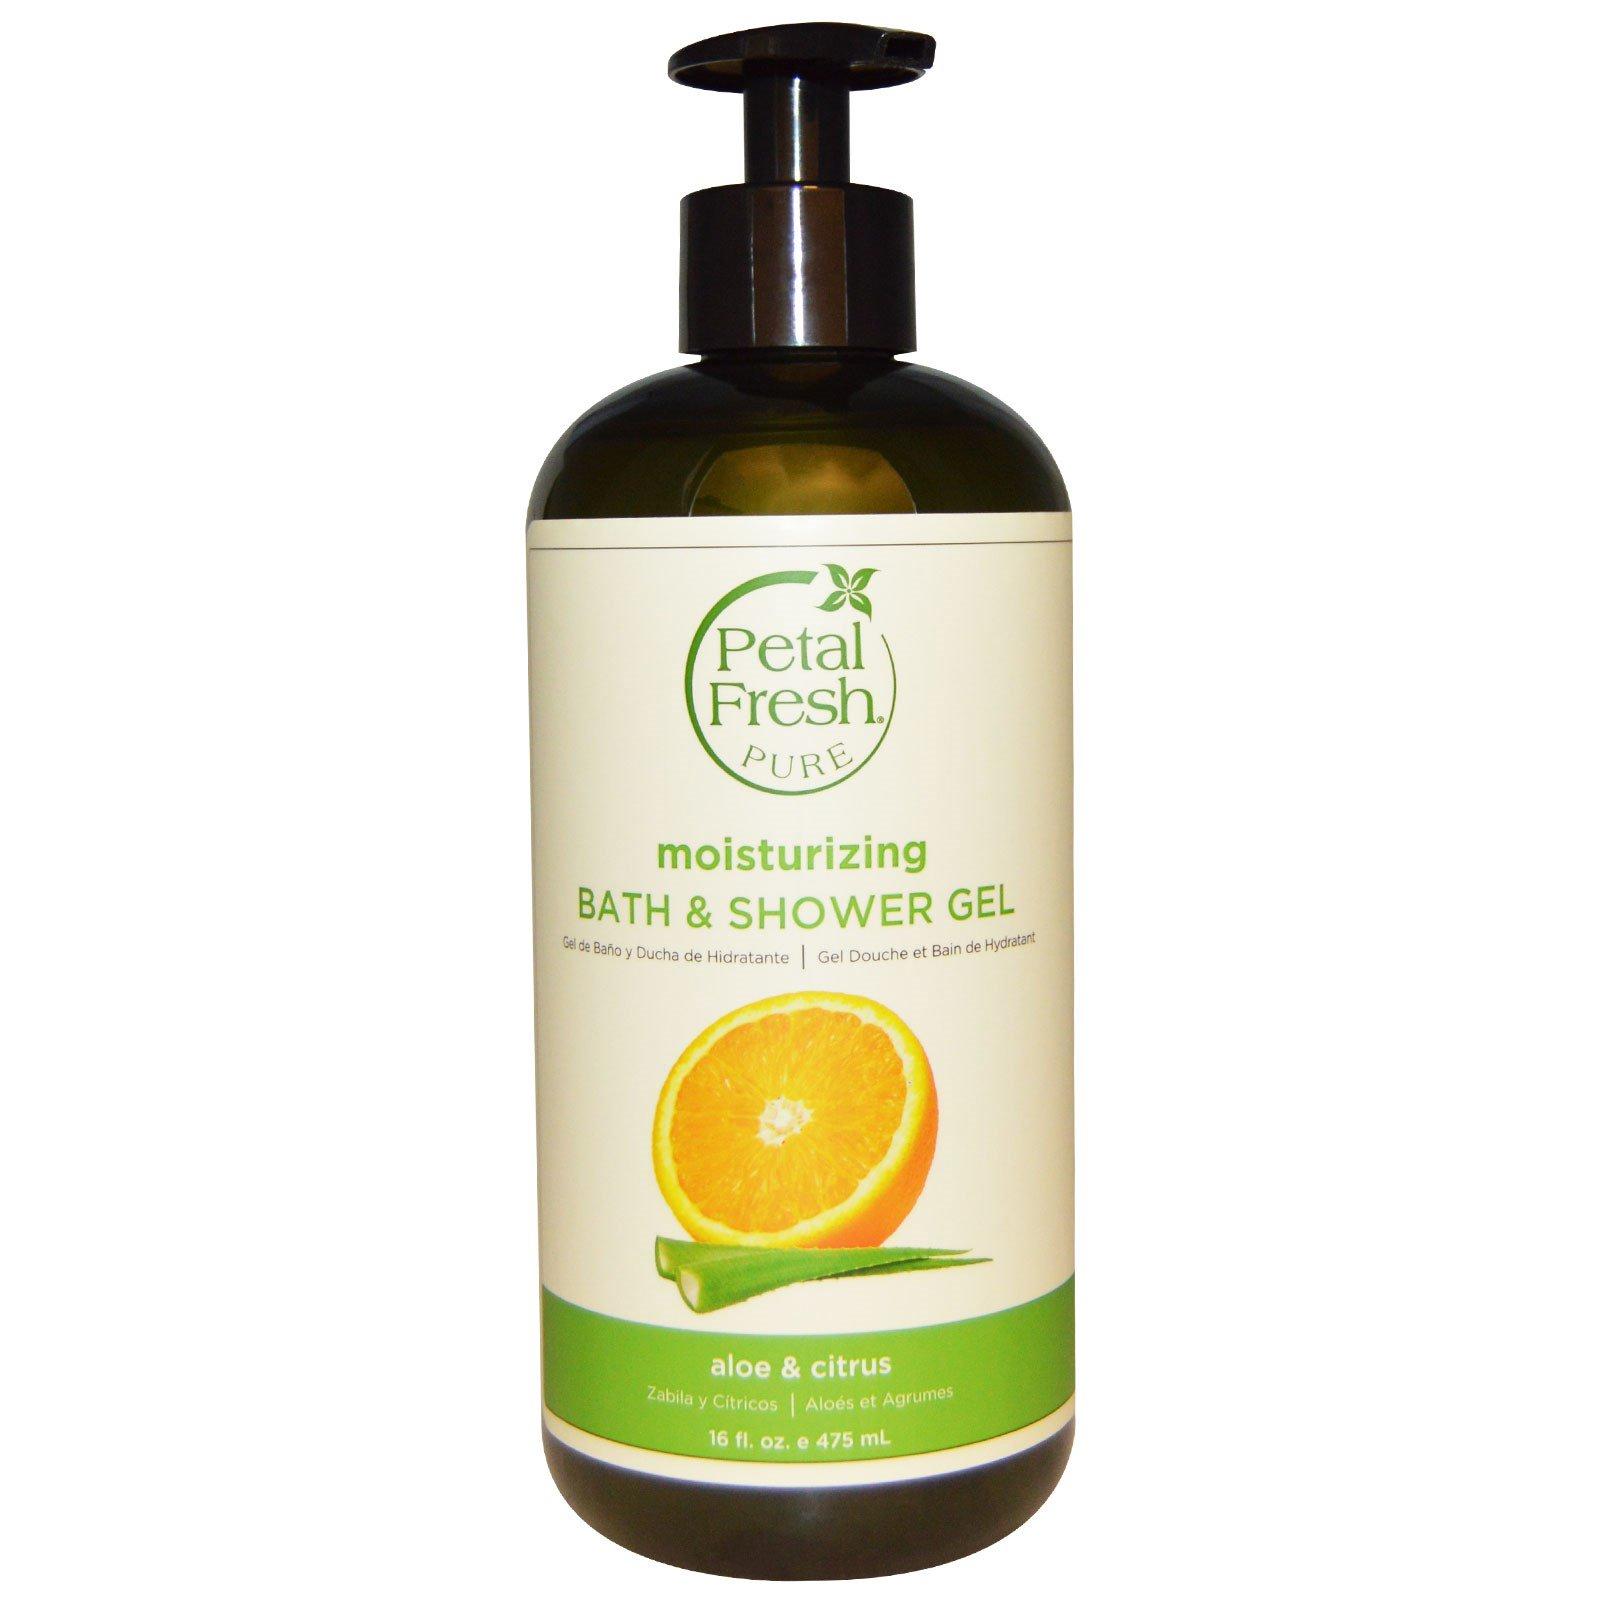 Petal Fresh, Чистый освежающий гель для душа и ванны, алое вера и цитрус, 16 жидк. унц (475 мл)